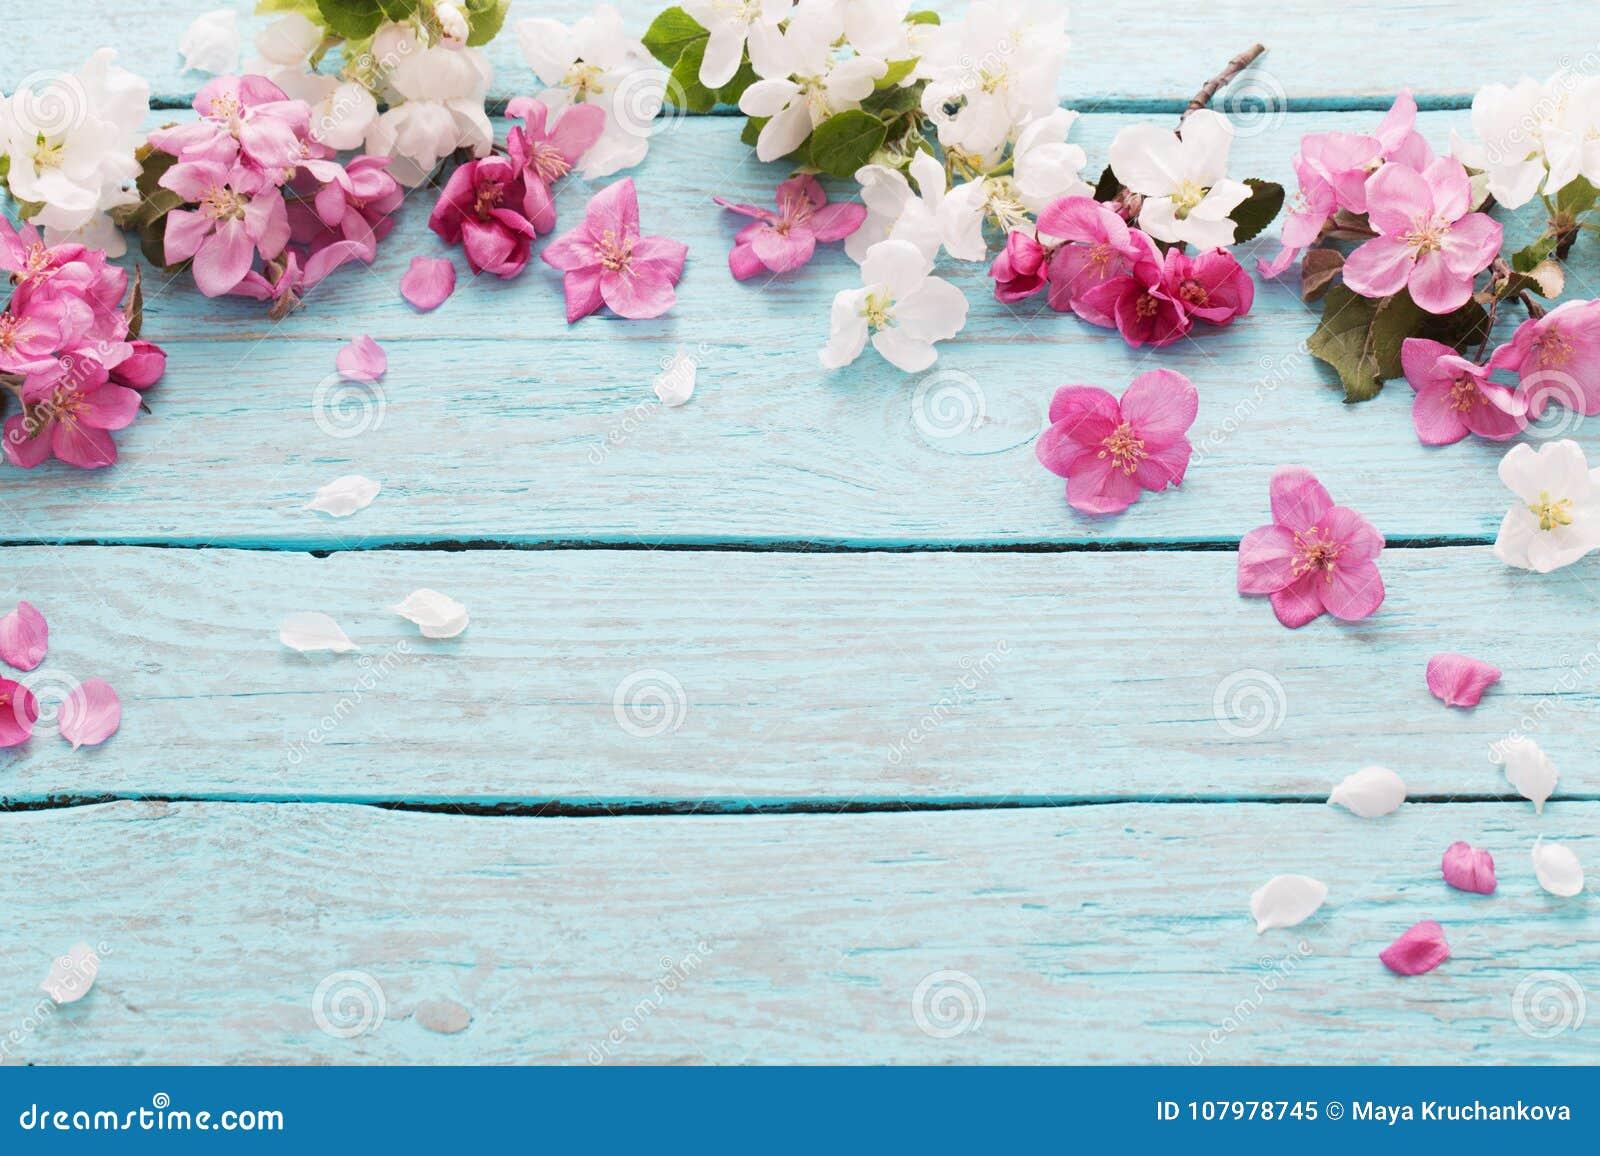 Fiori Della Primavera Su Fondo Di Legno Blu Immagine Stock